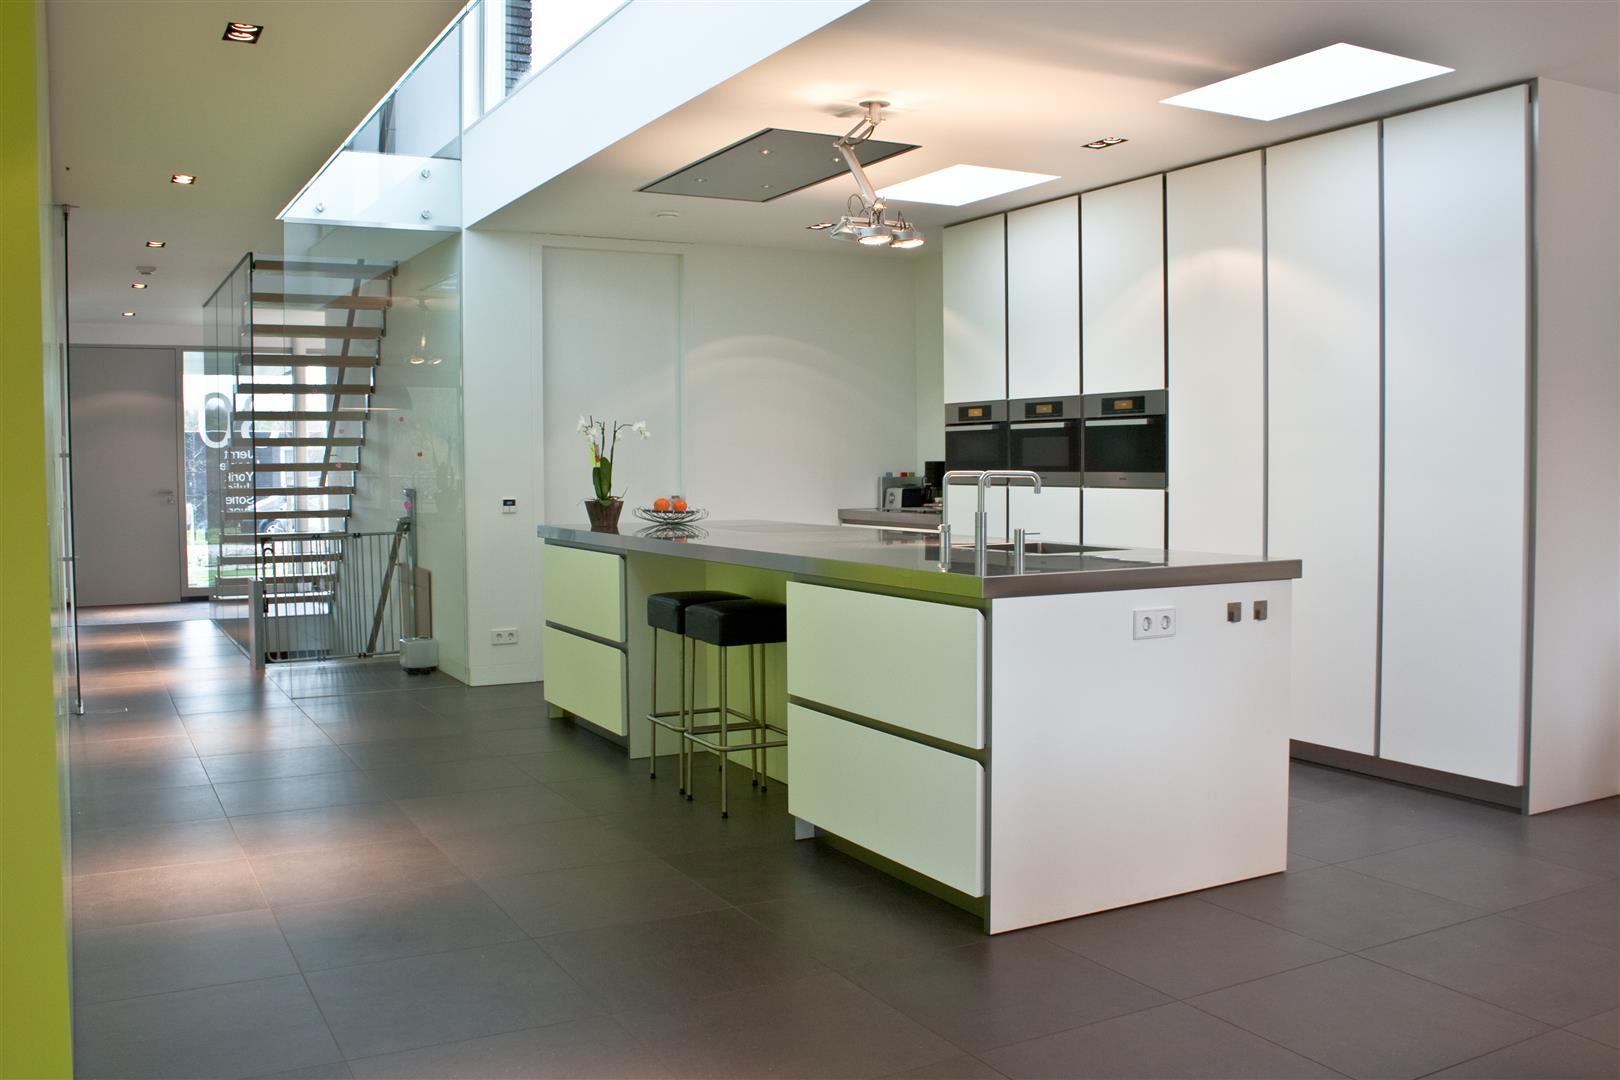 keuken tegels emmeloord : Keuken Tegels Met Houten Kleding Inspiratie Het Beste Interieur